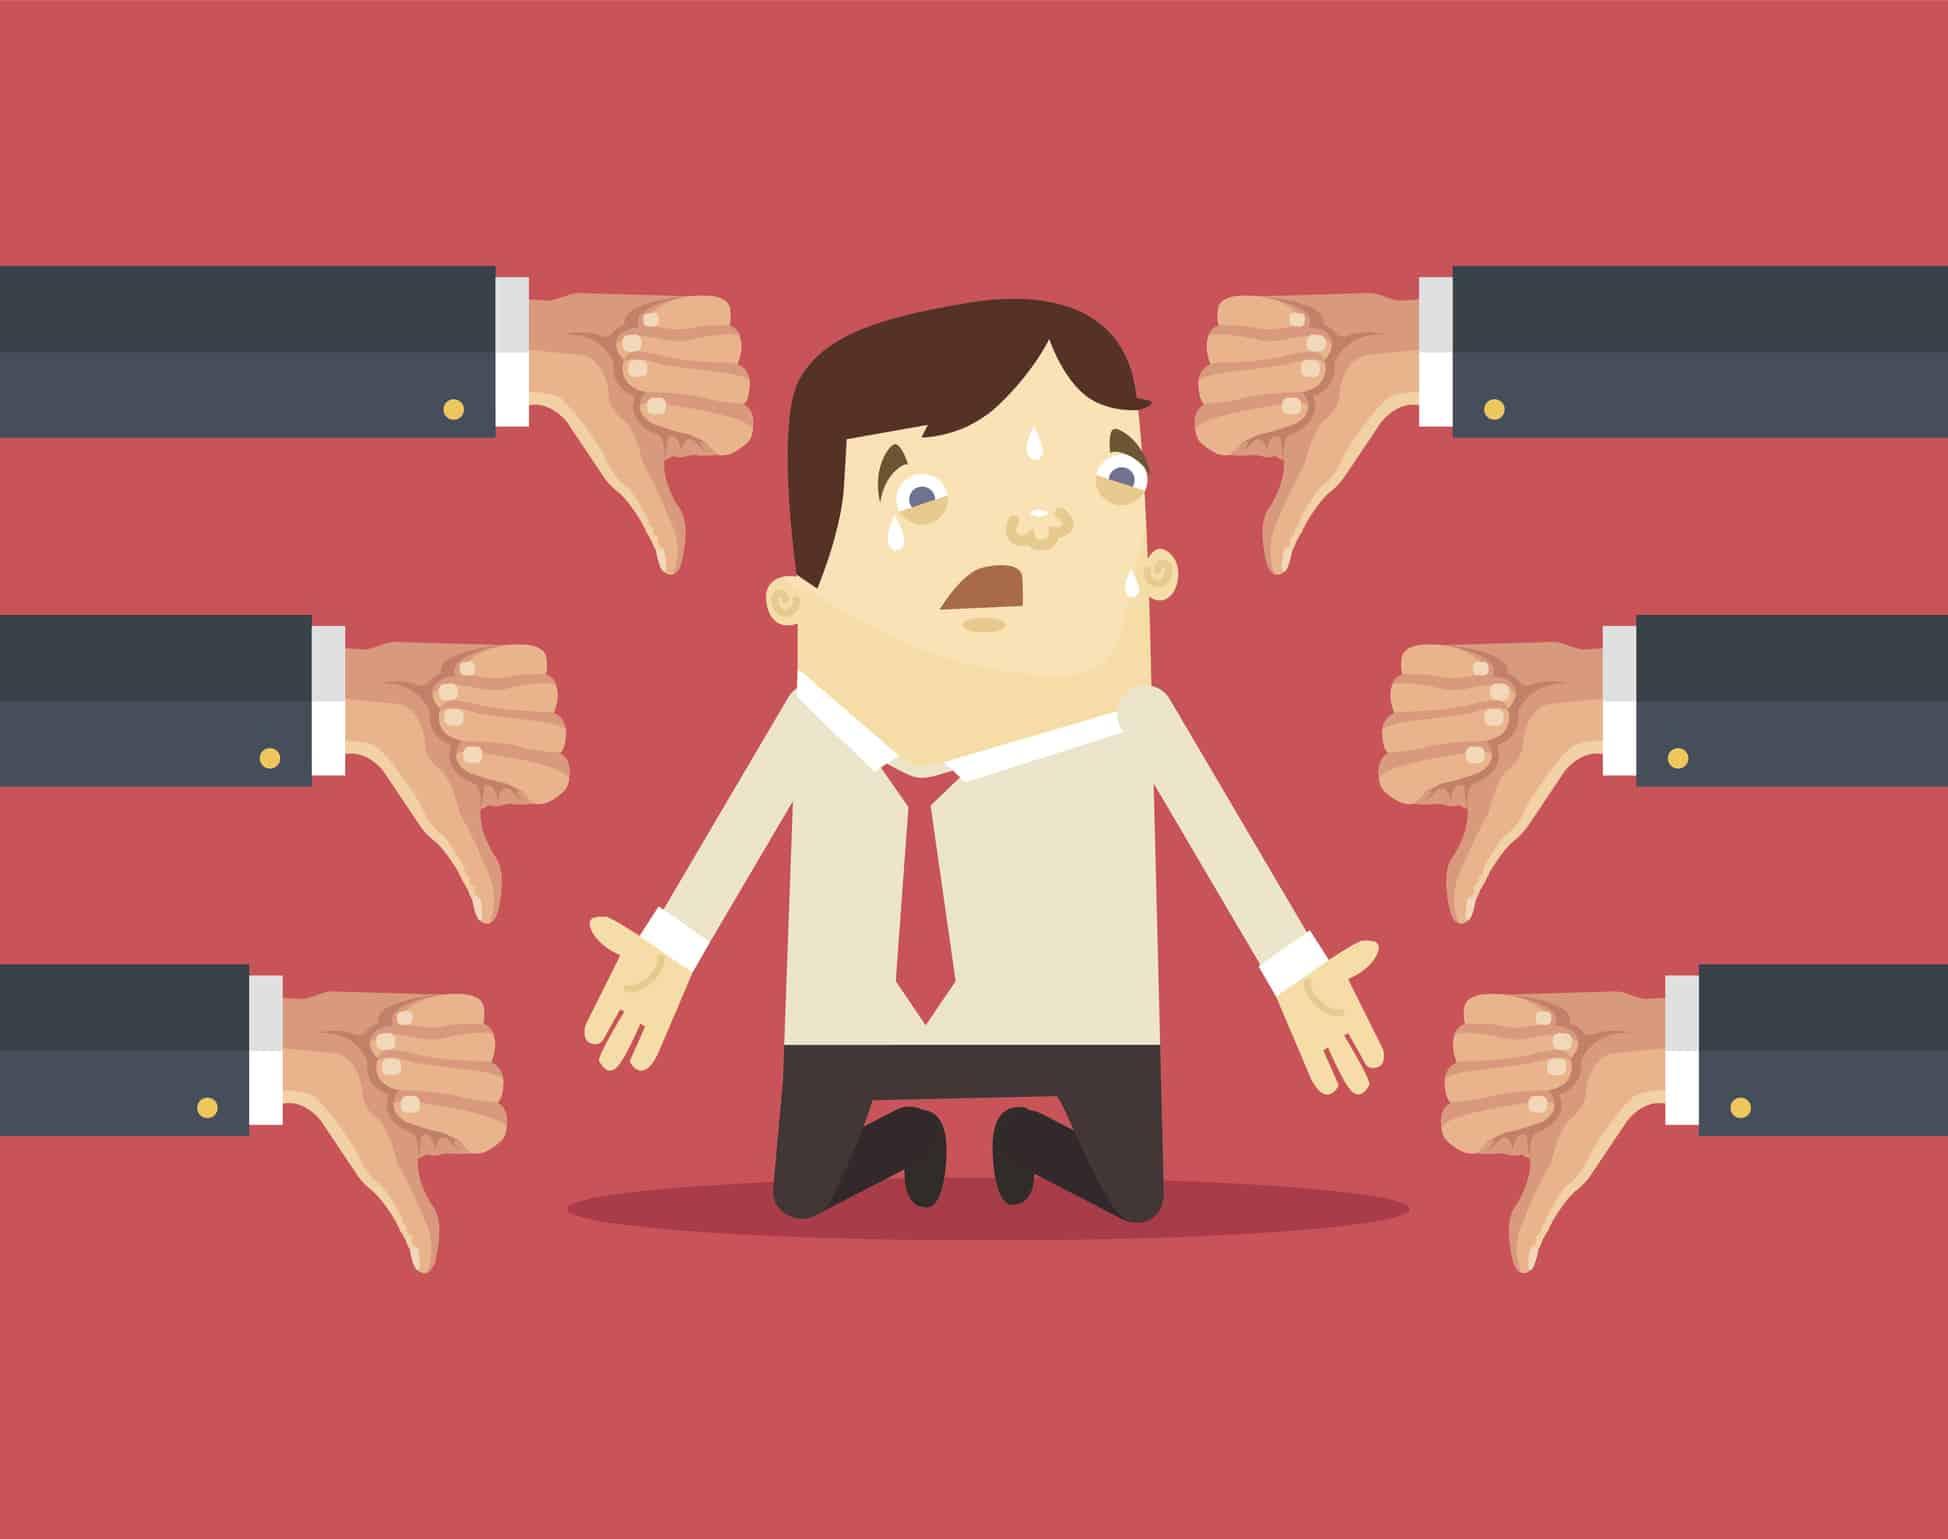 Kollegen rügen Mitarbeiter wegen dessen unprofessionellen Angwohnheiten und zeigen mit dem Daumen nach unten